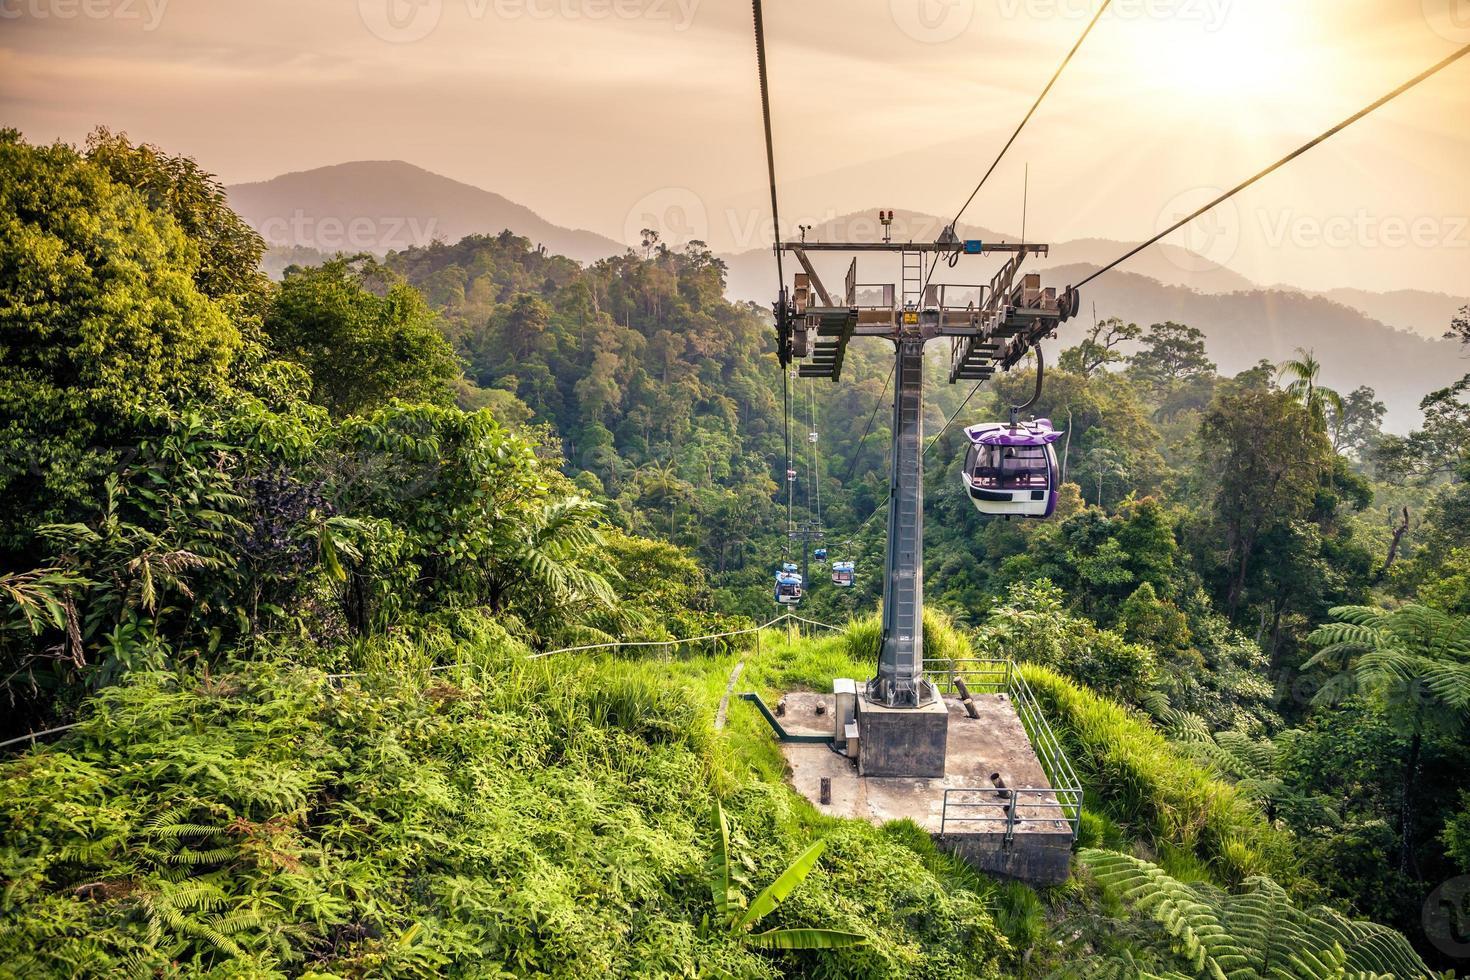 Tranvía aéreo subiendo en las montañas de la selva tropical foto